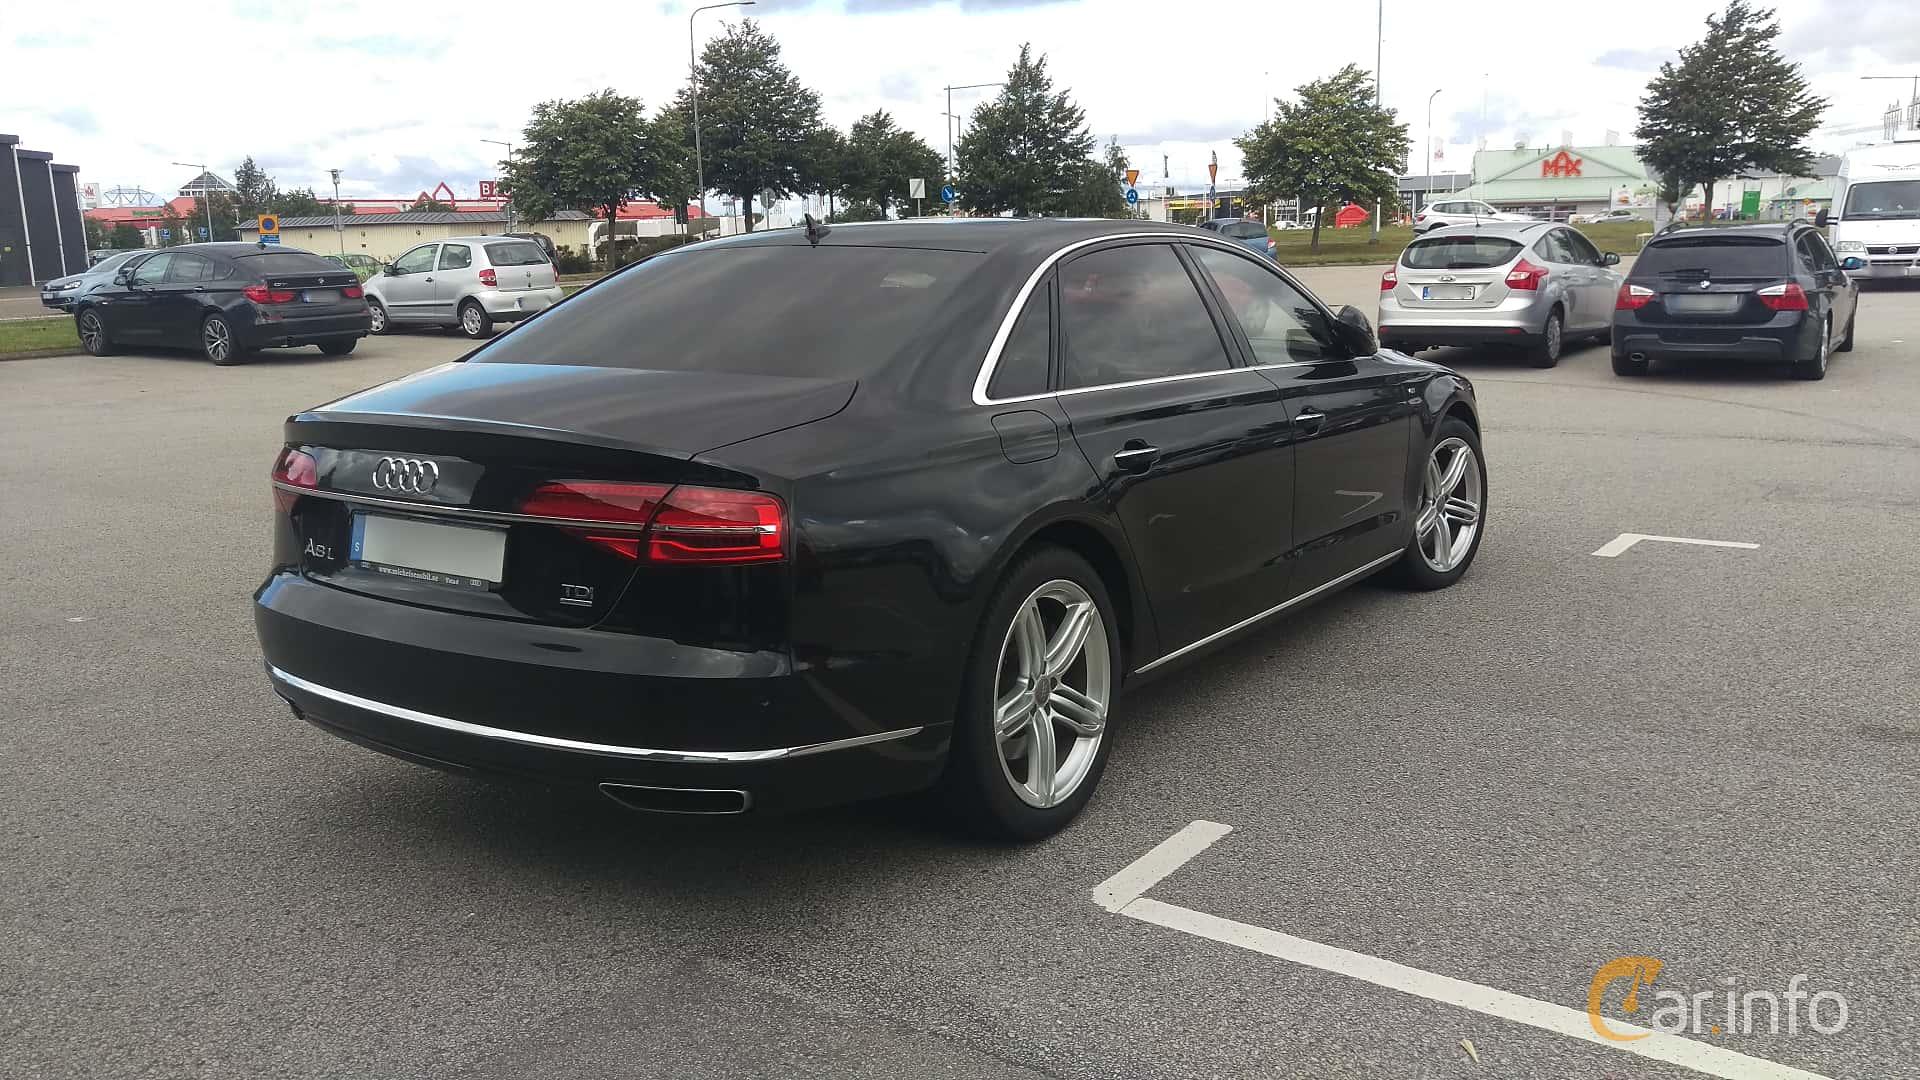 Kekurangan Audi A8 4.2 V8 Murah Berkualitas